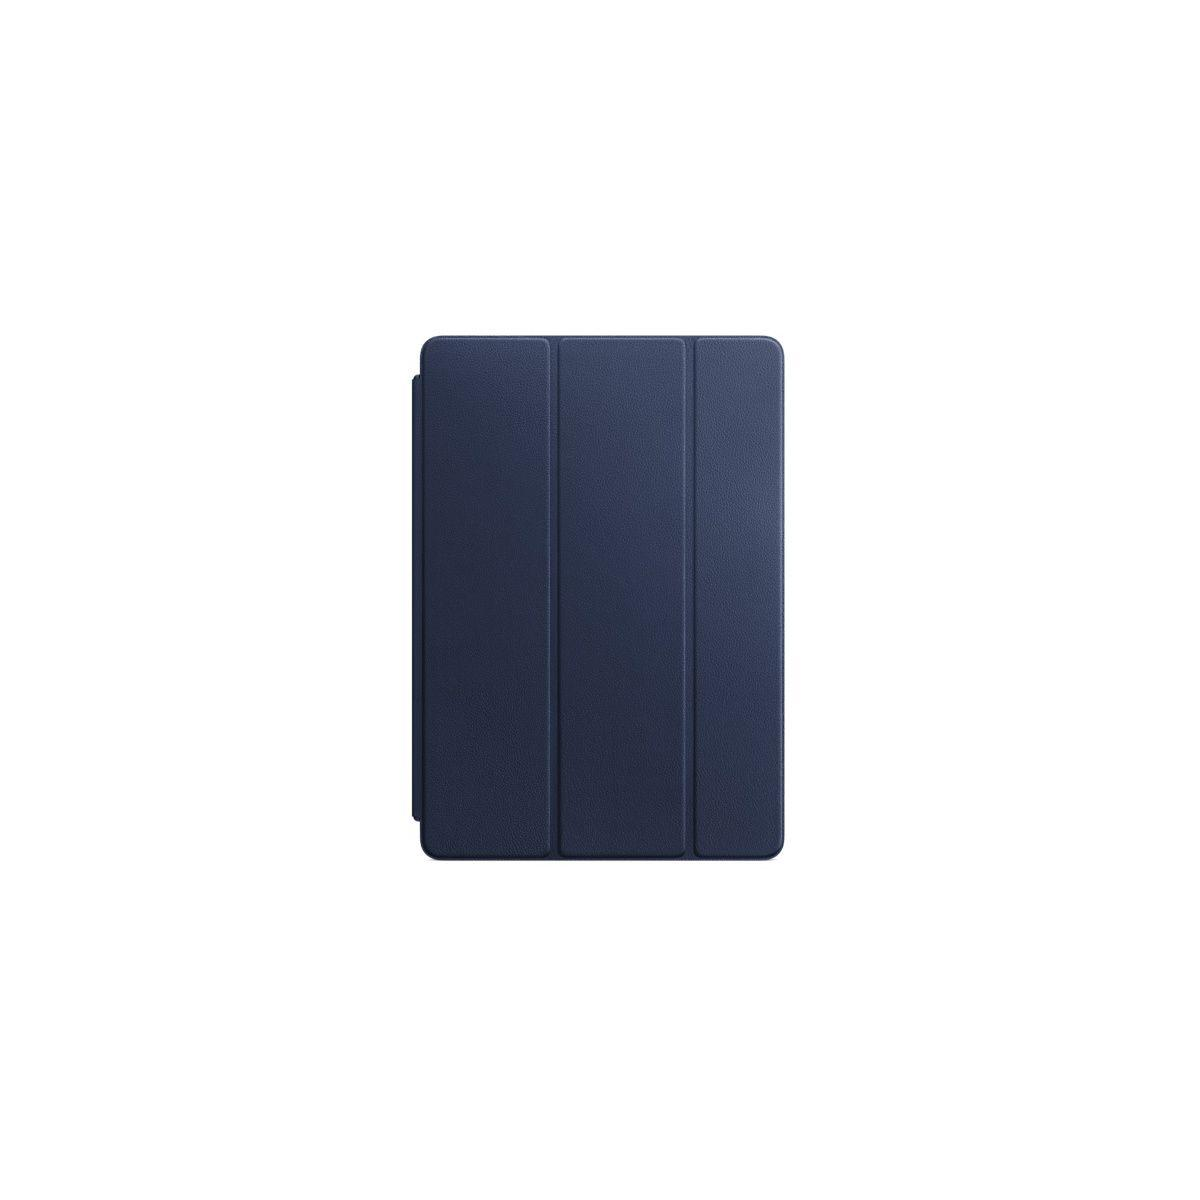 Etui tablette apple smart cover ipad pro 10.5 cuir bleu nuit - livraison offerte : code liv (photo)